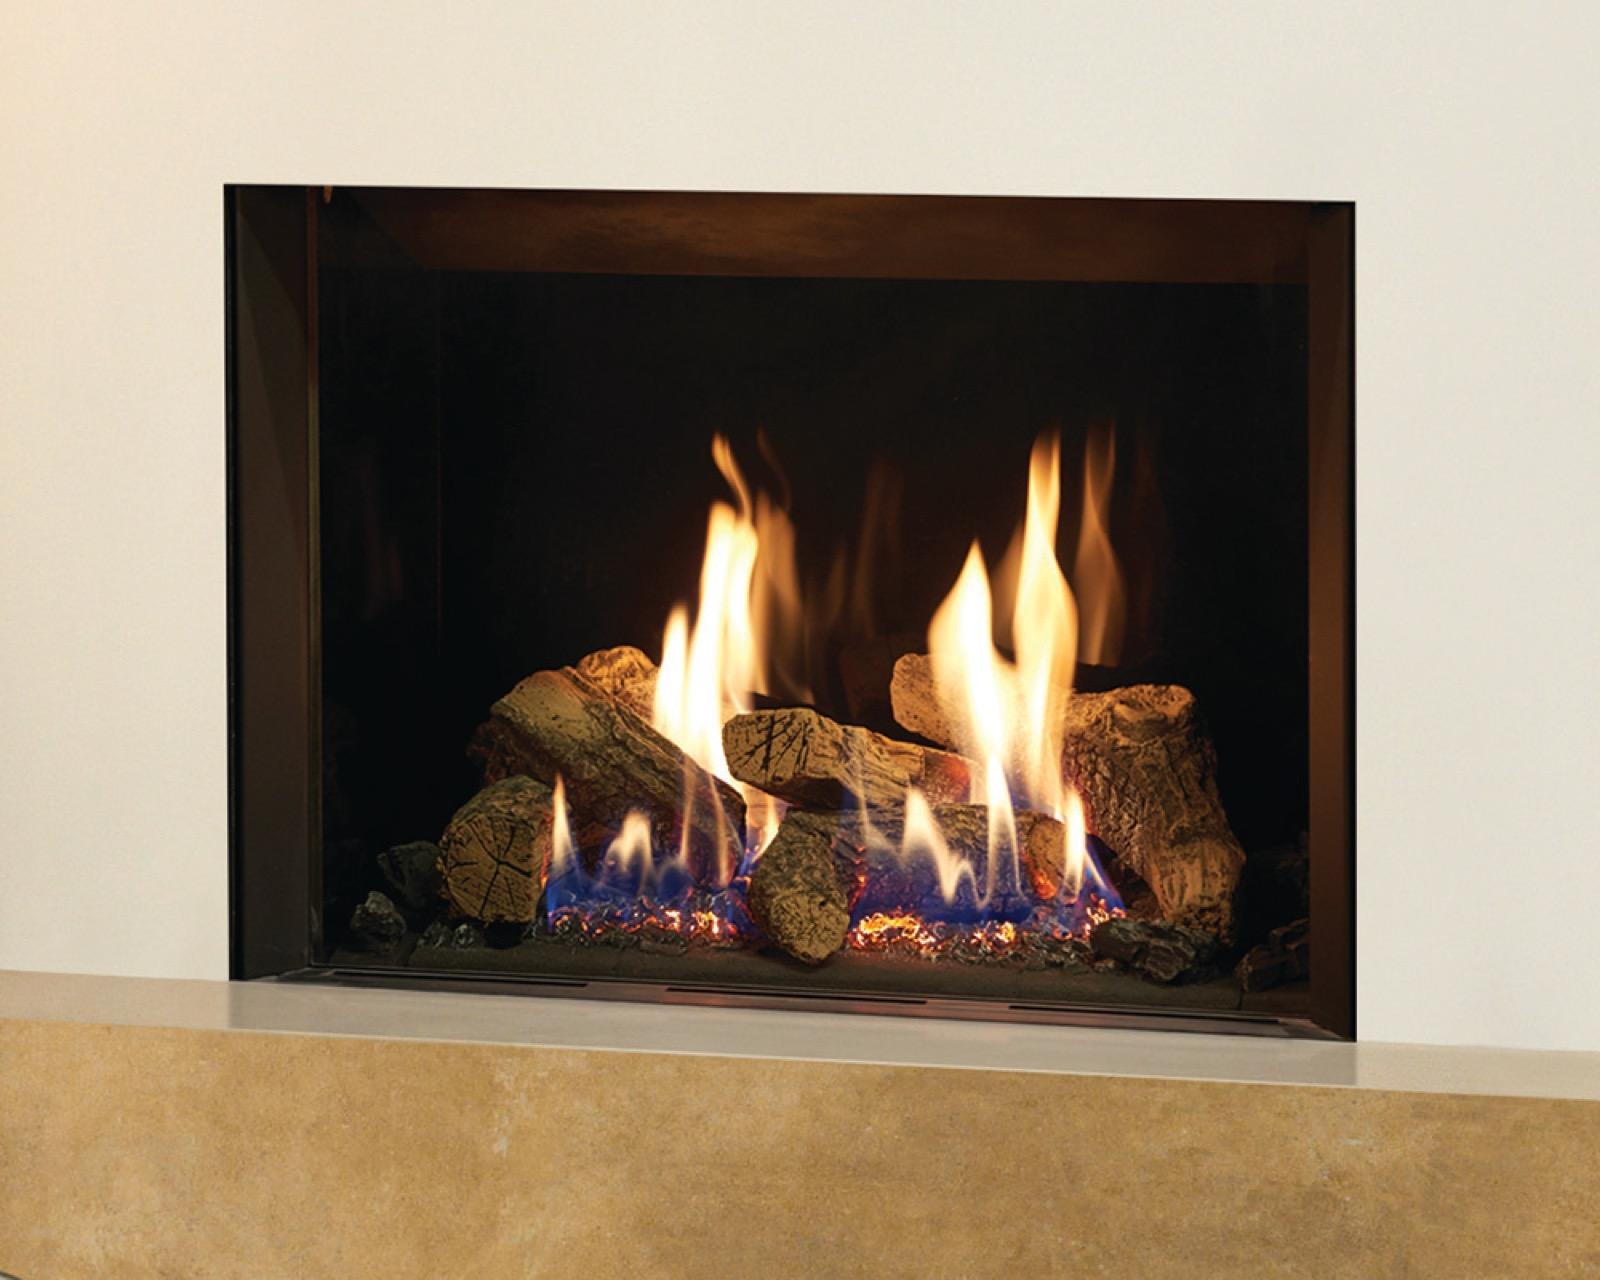 gazco riva2 500 conventional flue lpg black glass lining gas rh simplystovesuk com glass stones for gas fireplace glass rocks for gas fireplace